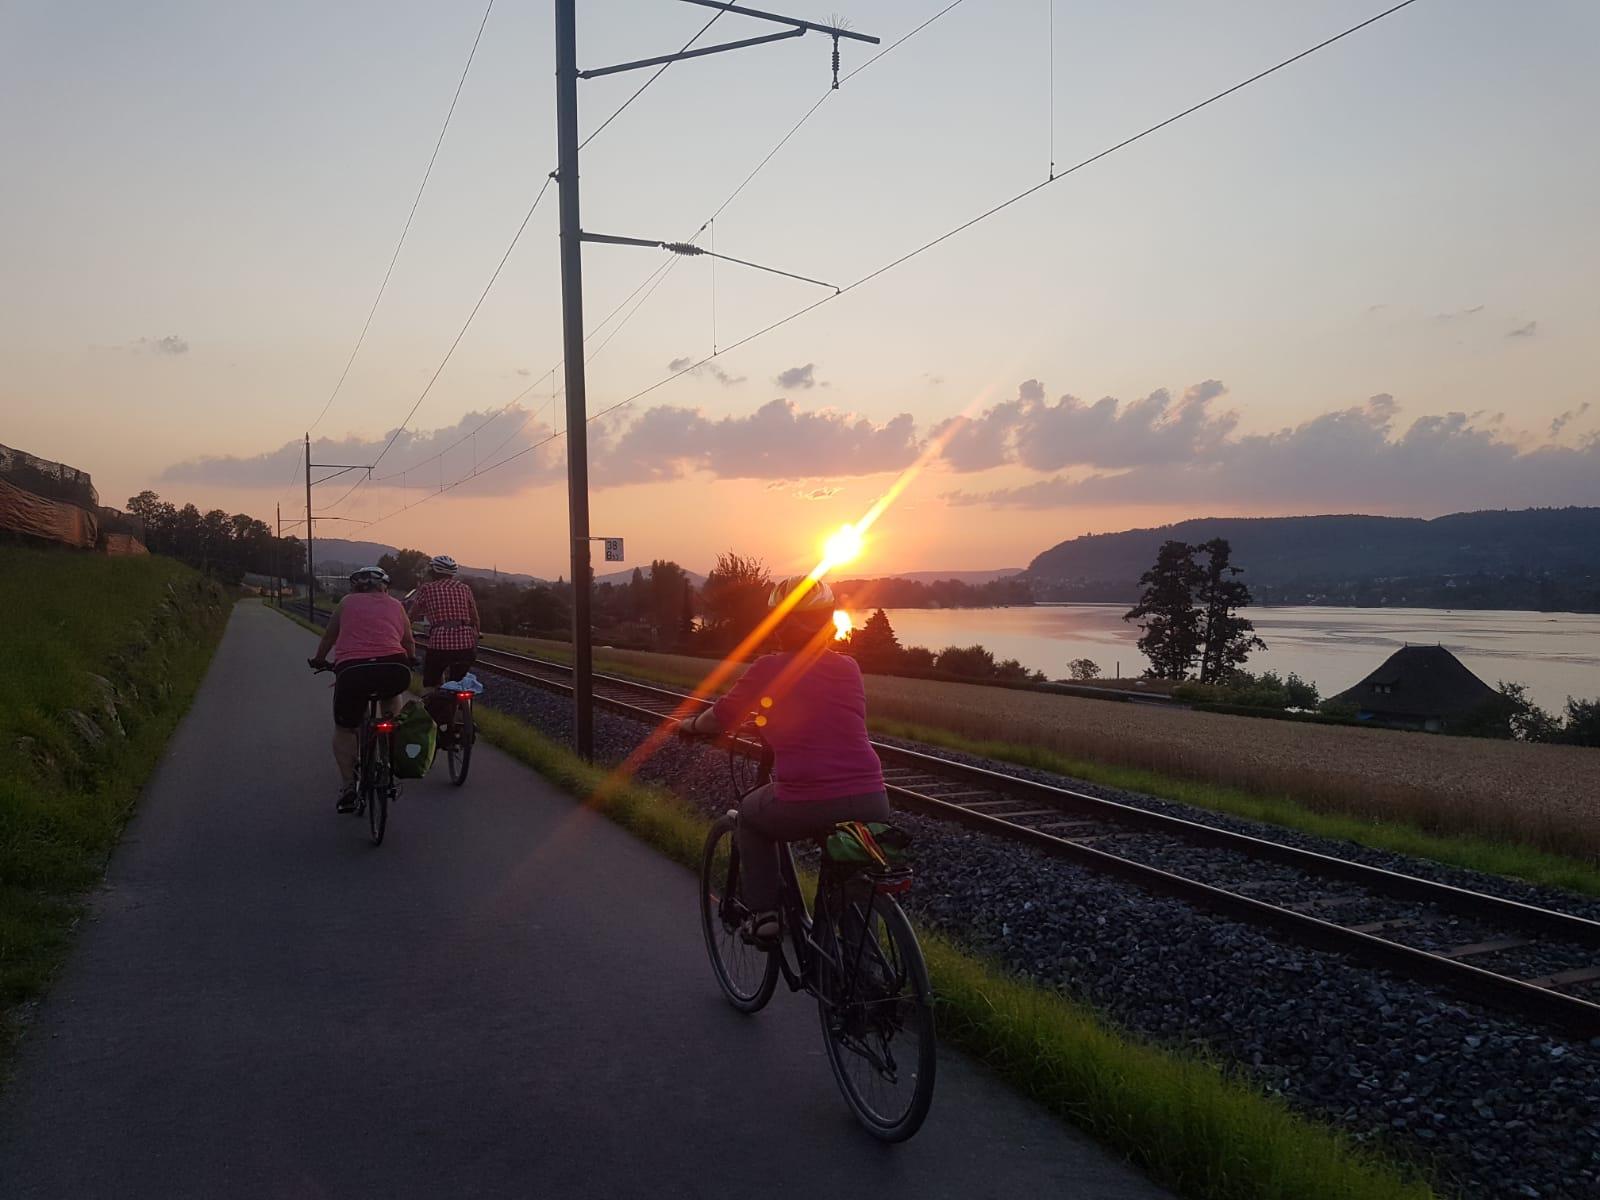 Teilnehmer on Ride&Shine fahren am Bodensee im Sonnenuntergang